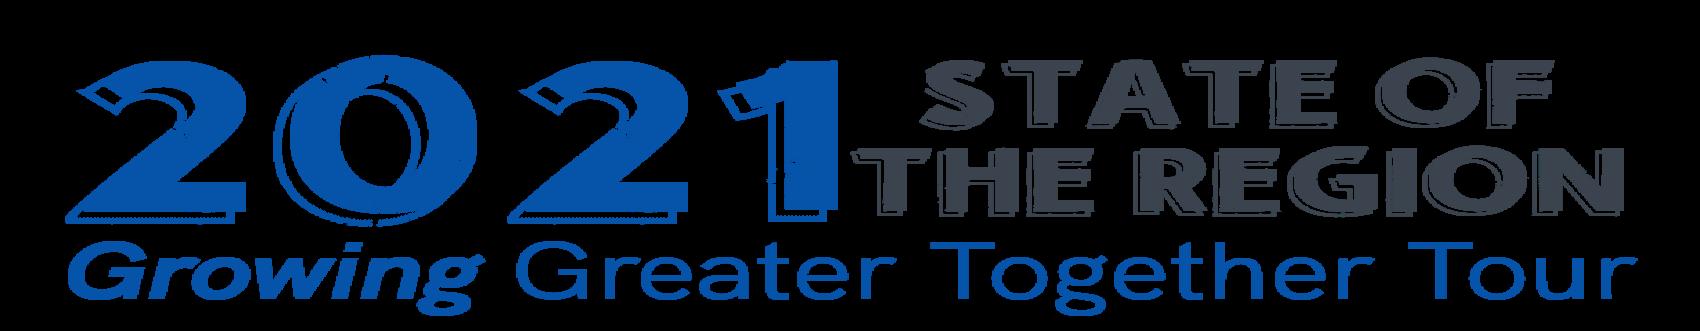 2021 website sotr tour header (1)